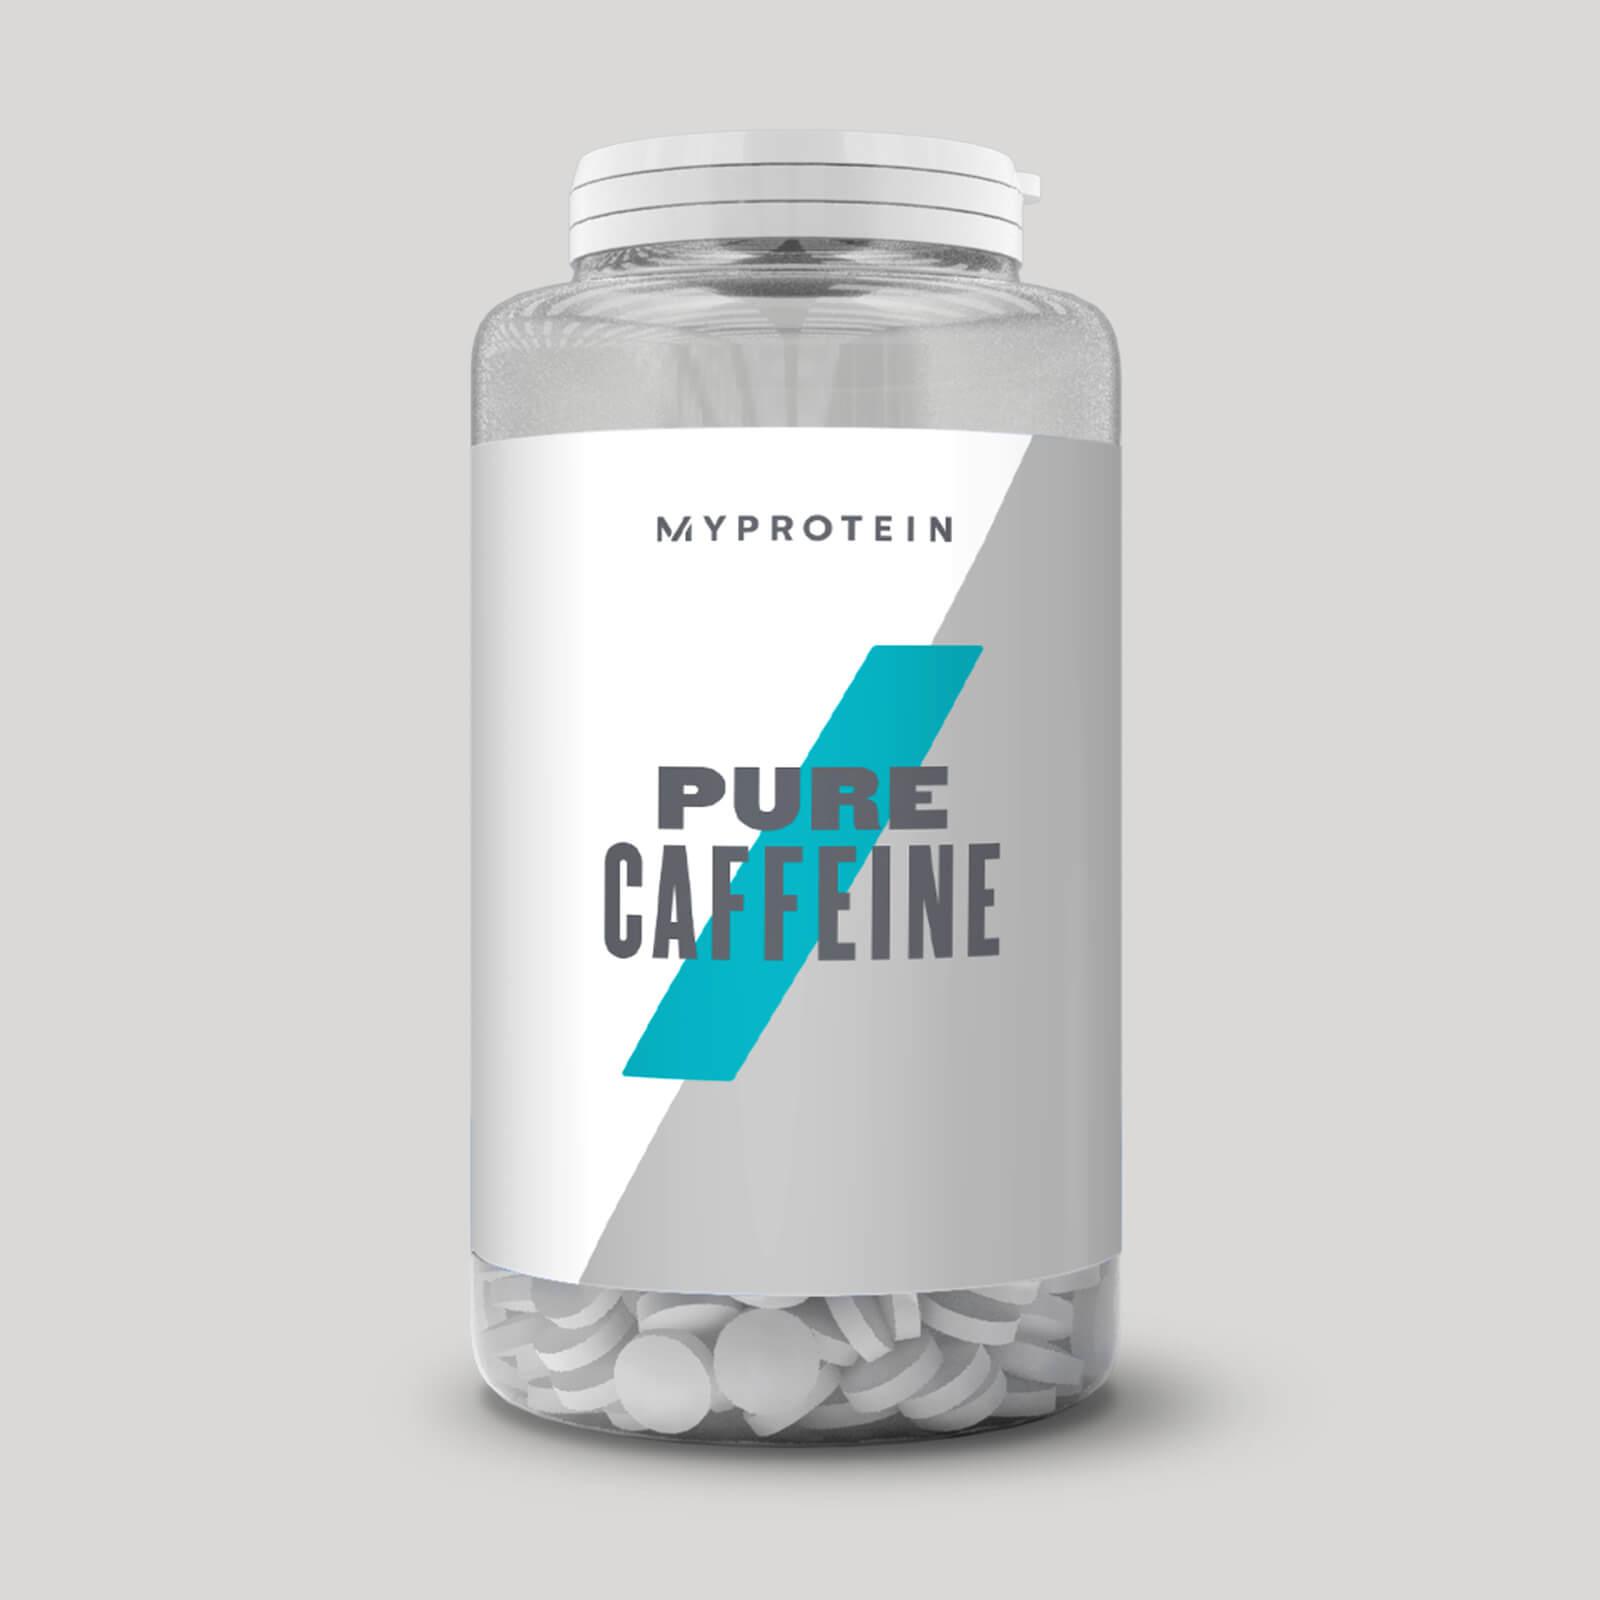 純咖啡因片